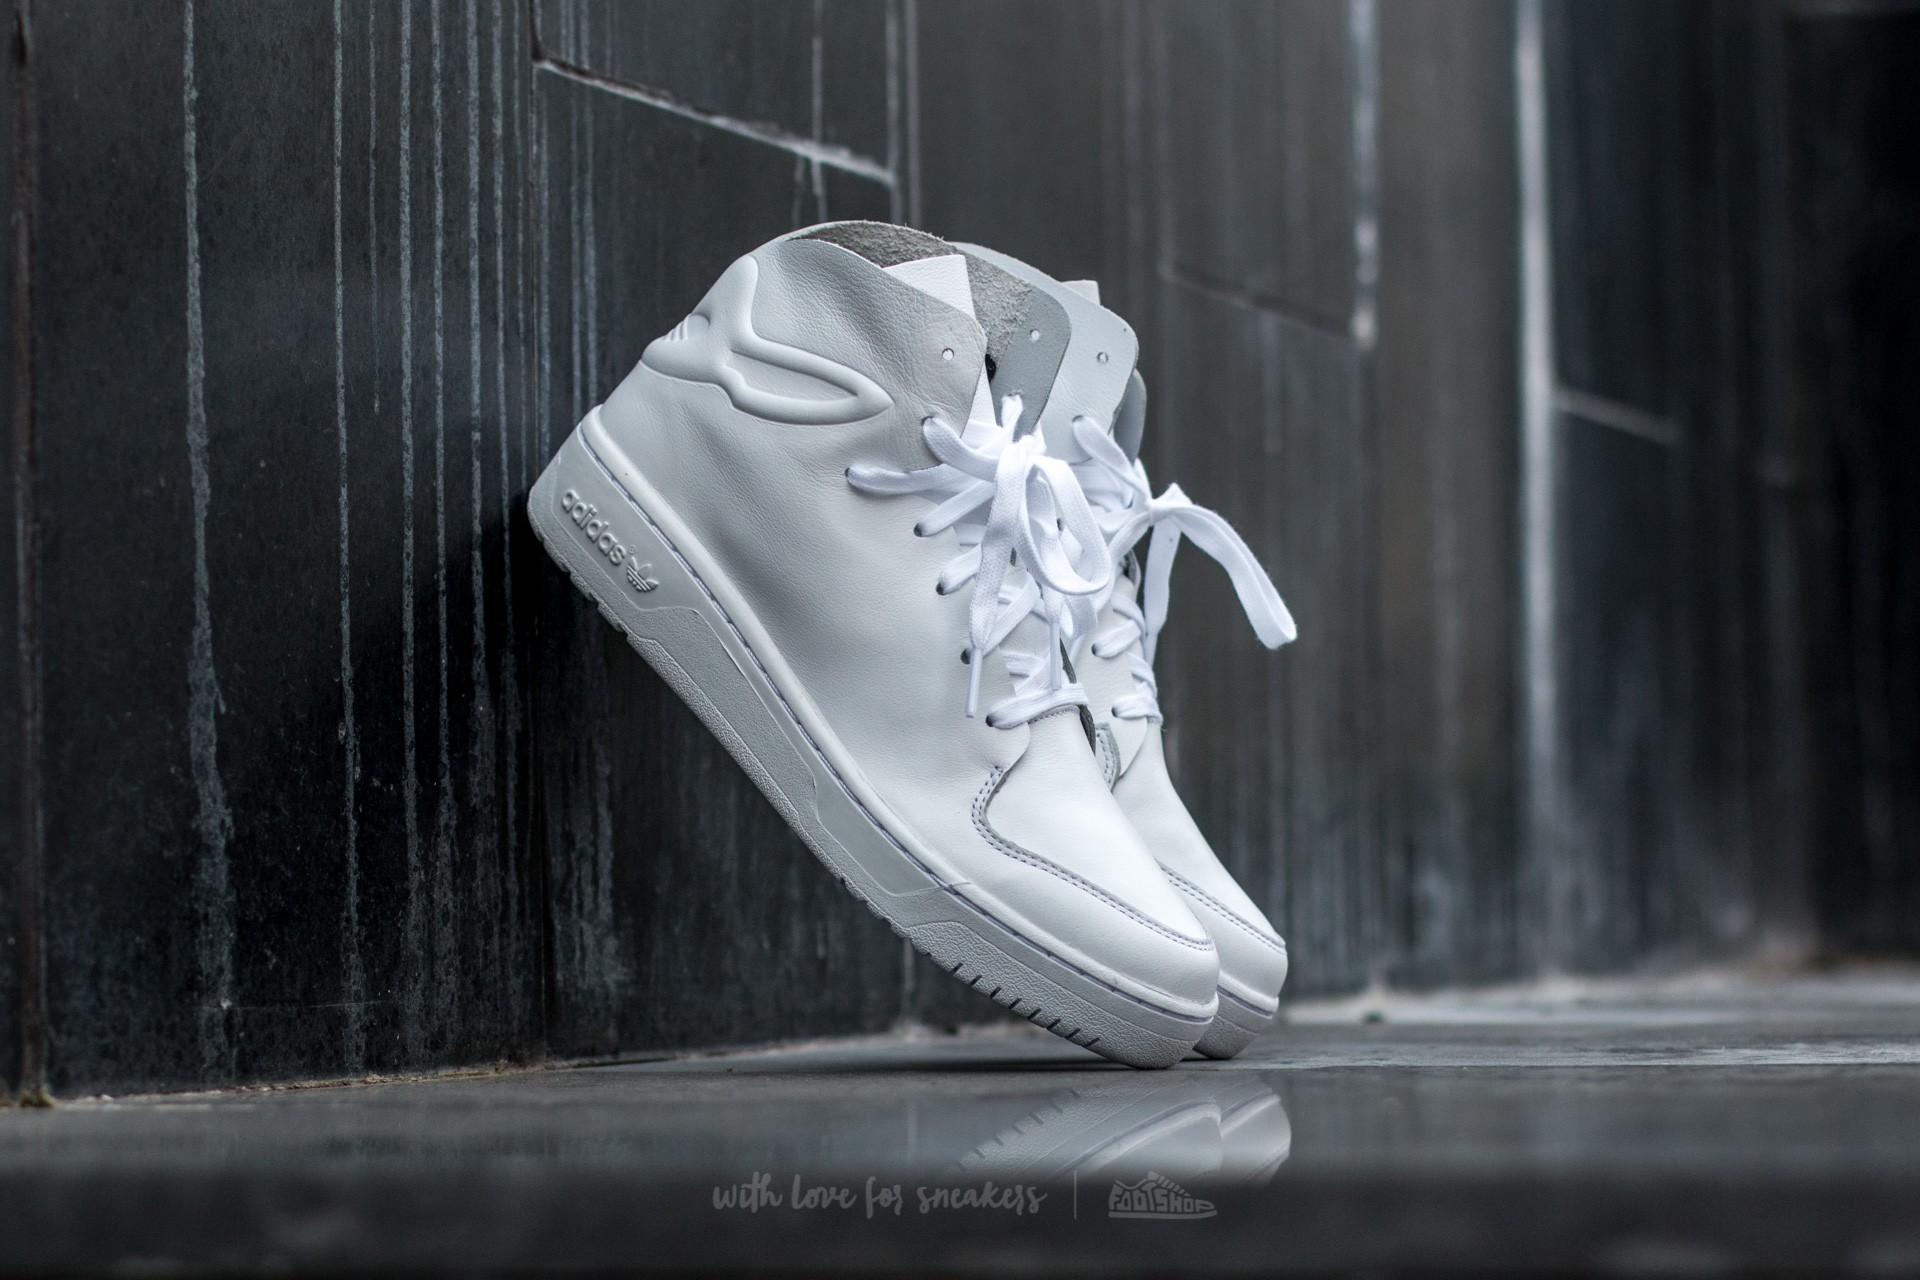 adidas M Attitude Nuude W Ftw White  Ftw White  Core Black   Footshop 3c2003b02d